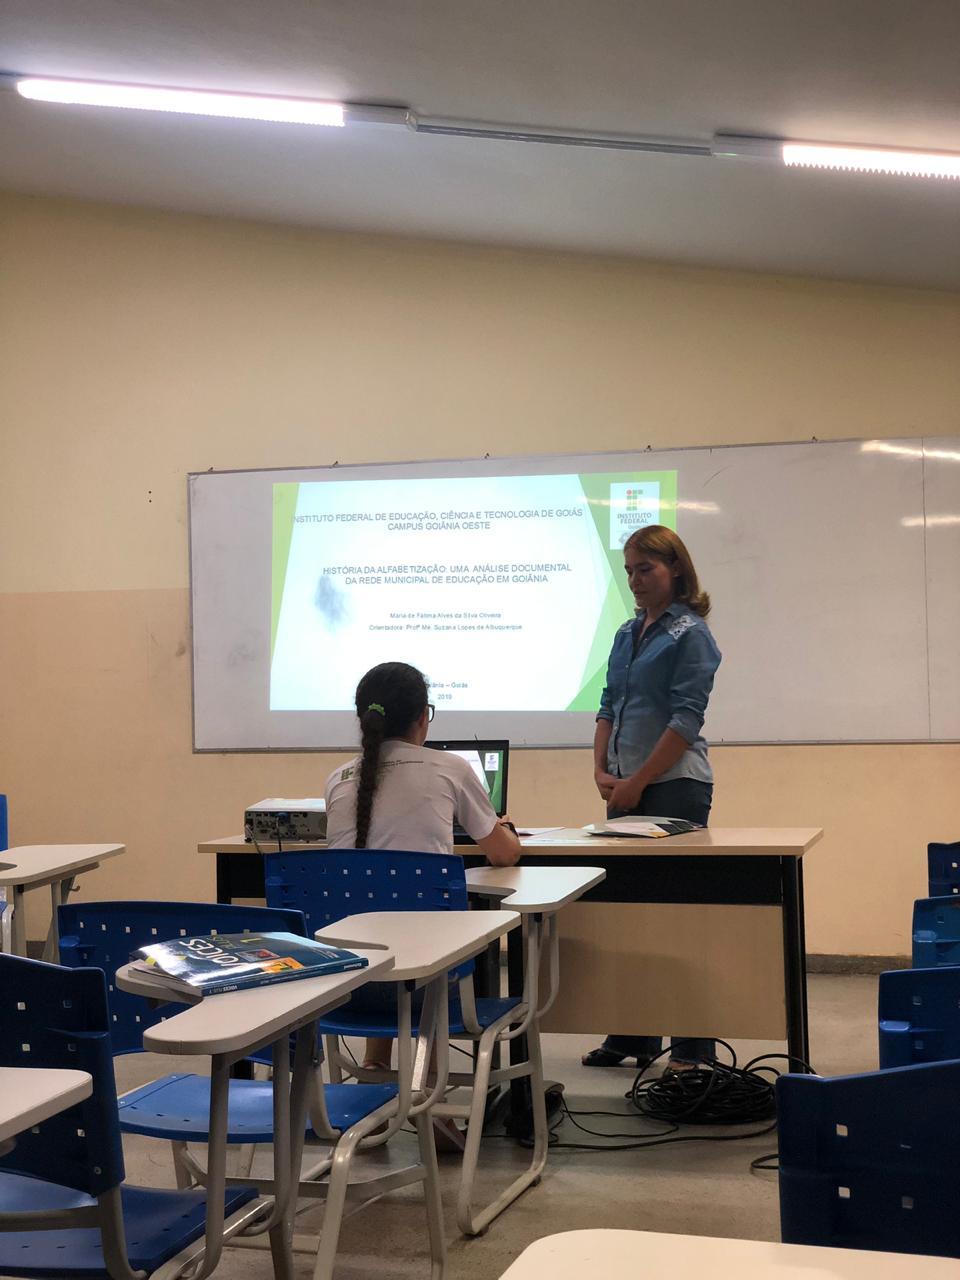 Semana IV Semana de Pedagogia – Clicks essenciais.